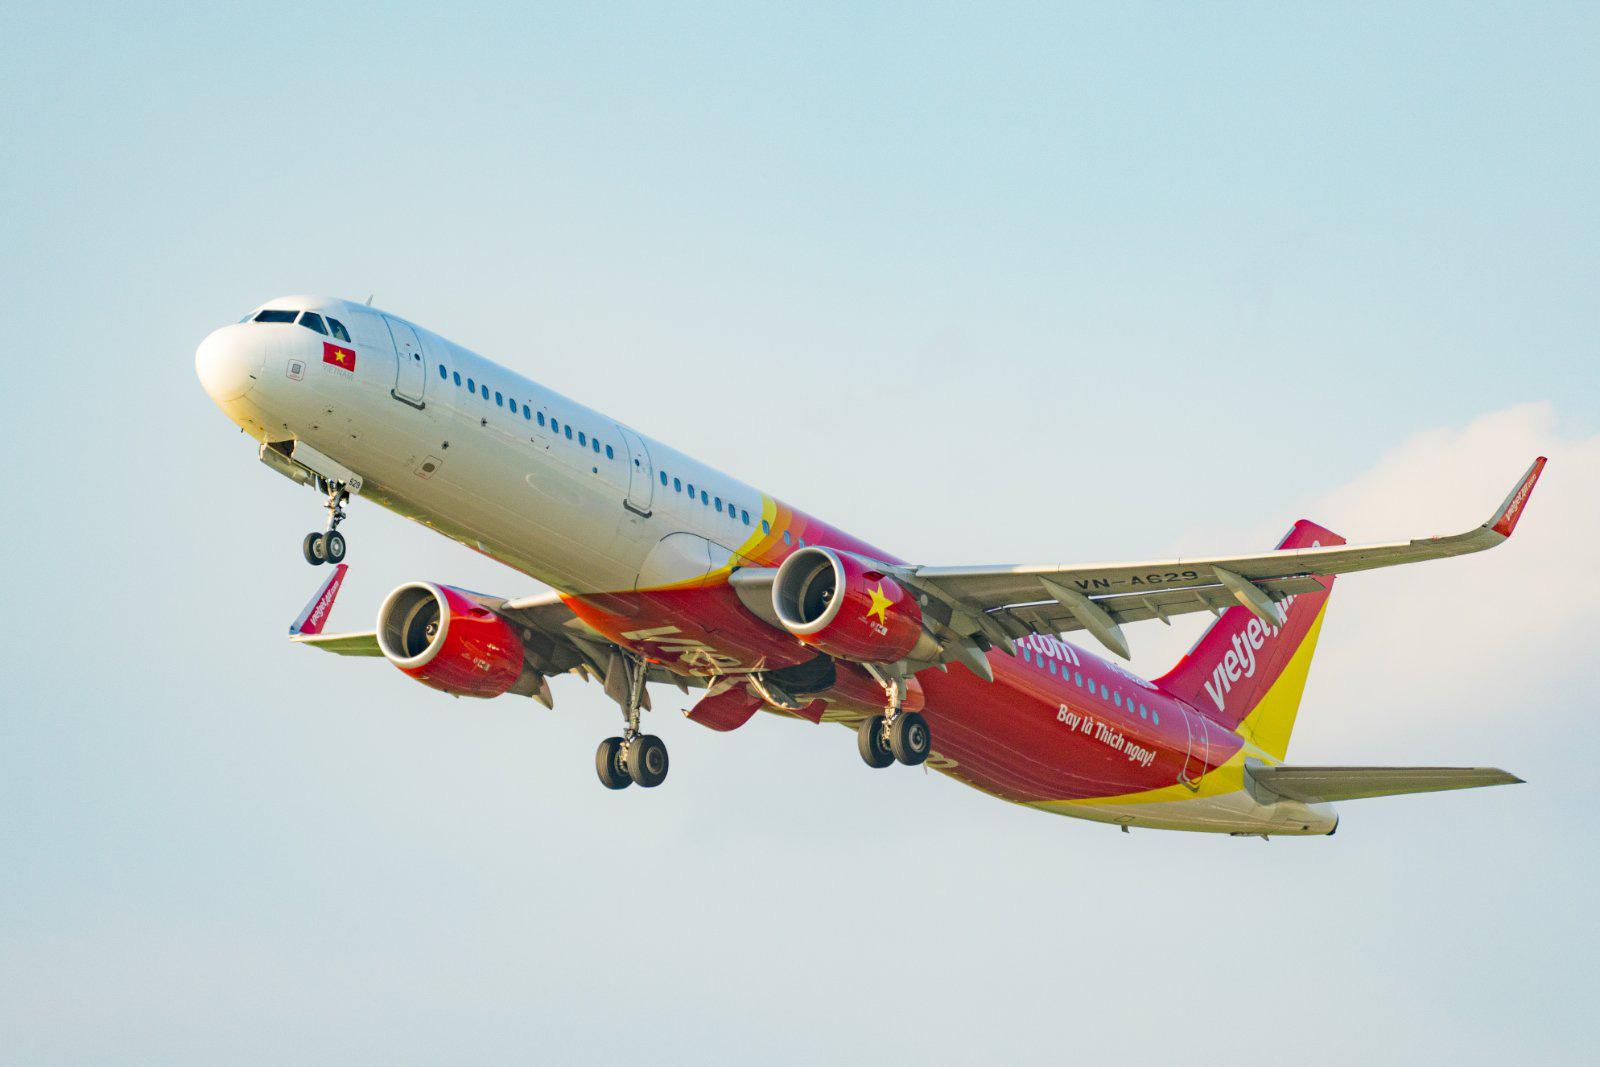 Vượt nắng, vượt gió, phượt Việt Nam cùng những chuyến bay Vietjet - Ảnh 1.